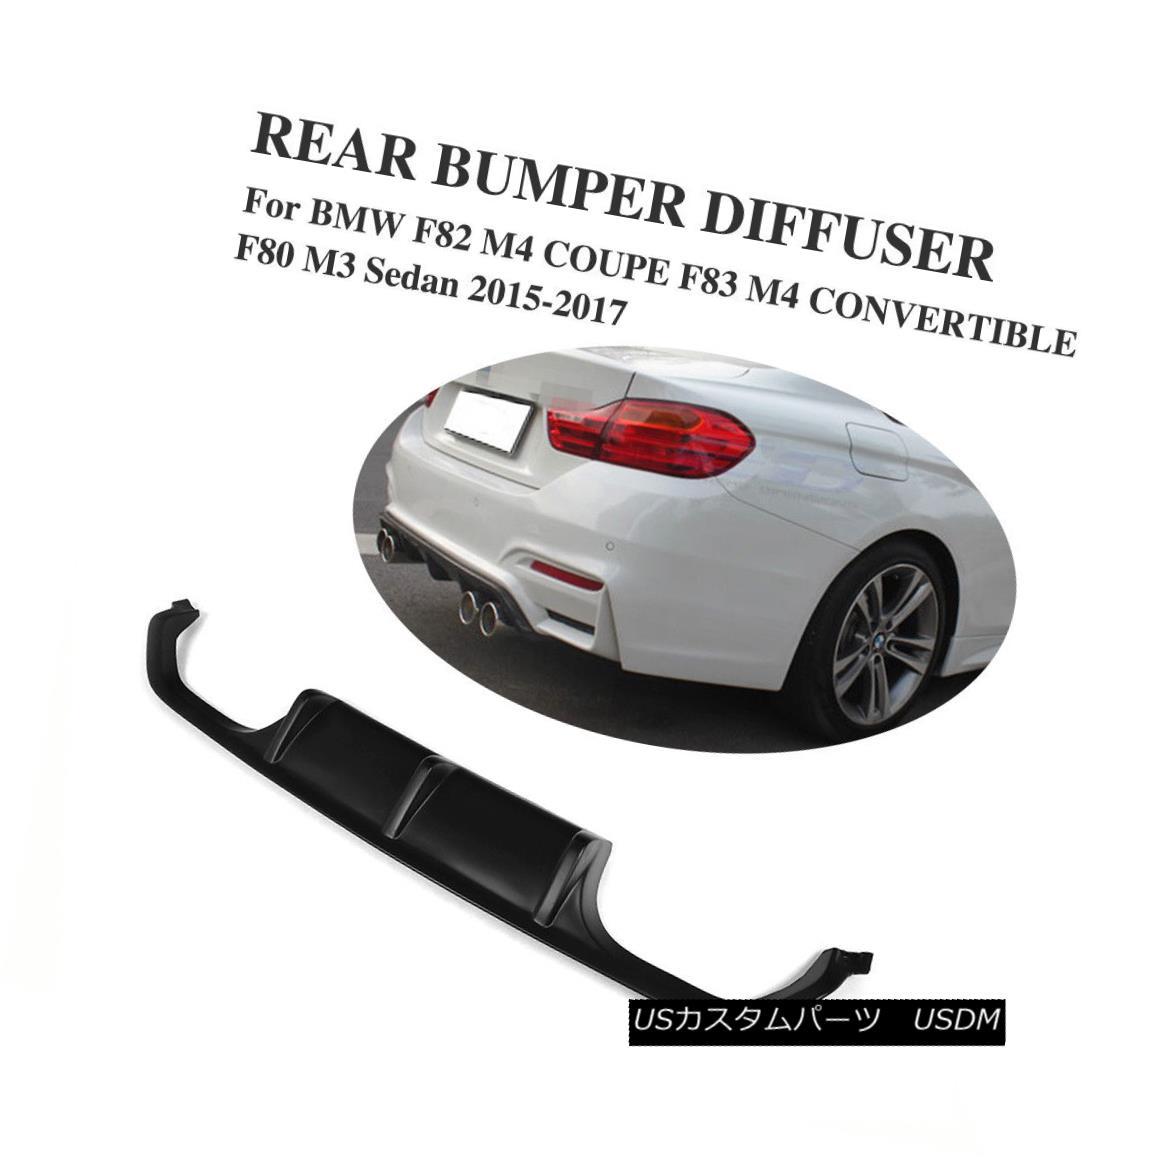 エアロパーツ For 15-17 BMW F82 M4 F80 M3 Carbon Fiber Rear Bumper Diffuser Performance Style 15-17 BMW F82 M4 F80 M3カーボンファイバーリアバンパーディフューザーパフォーマンススタイル